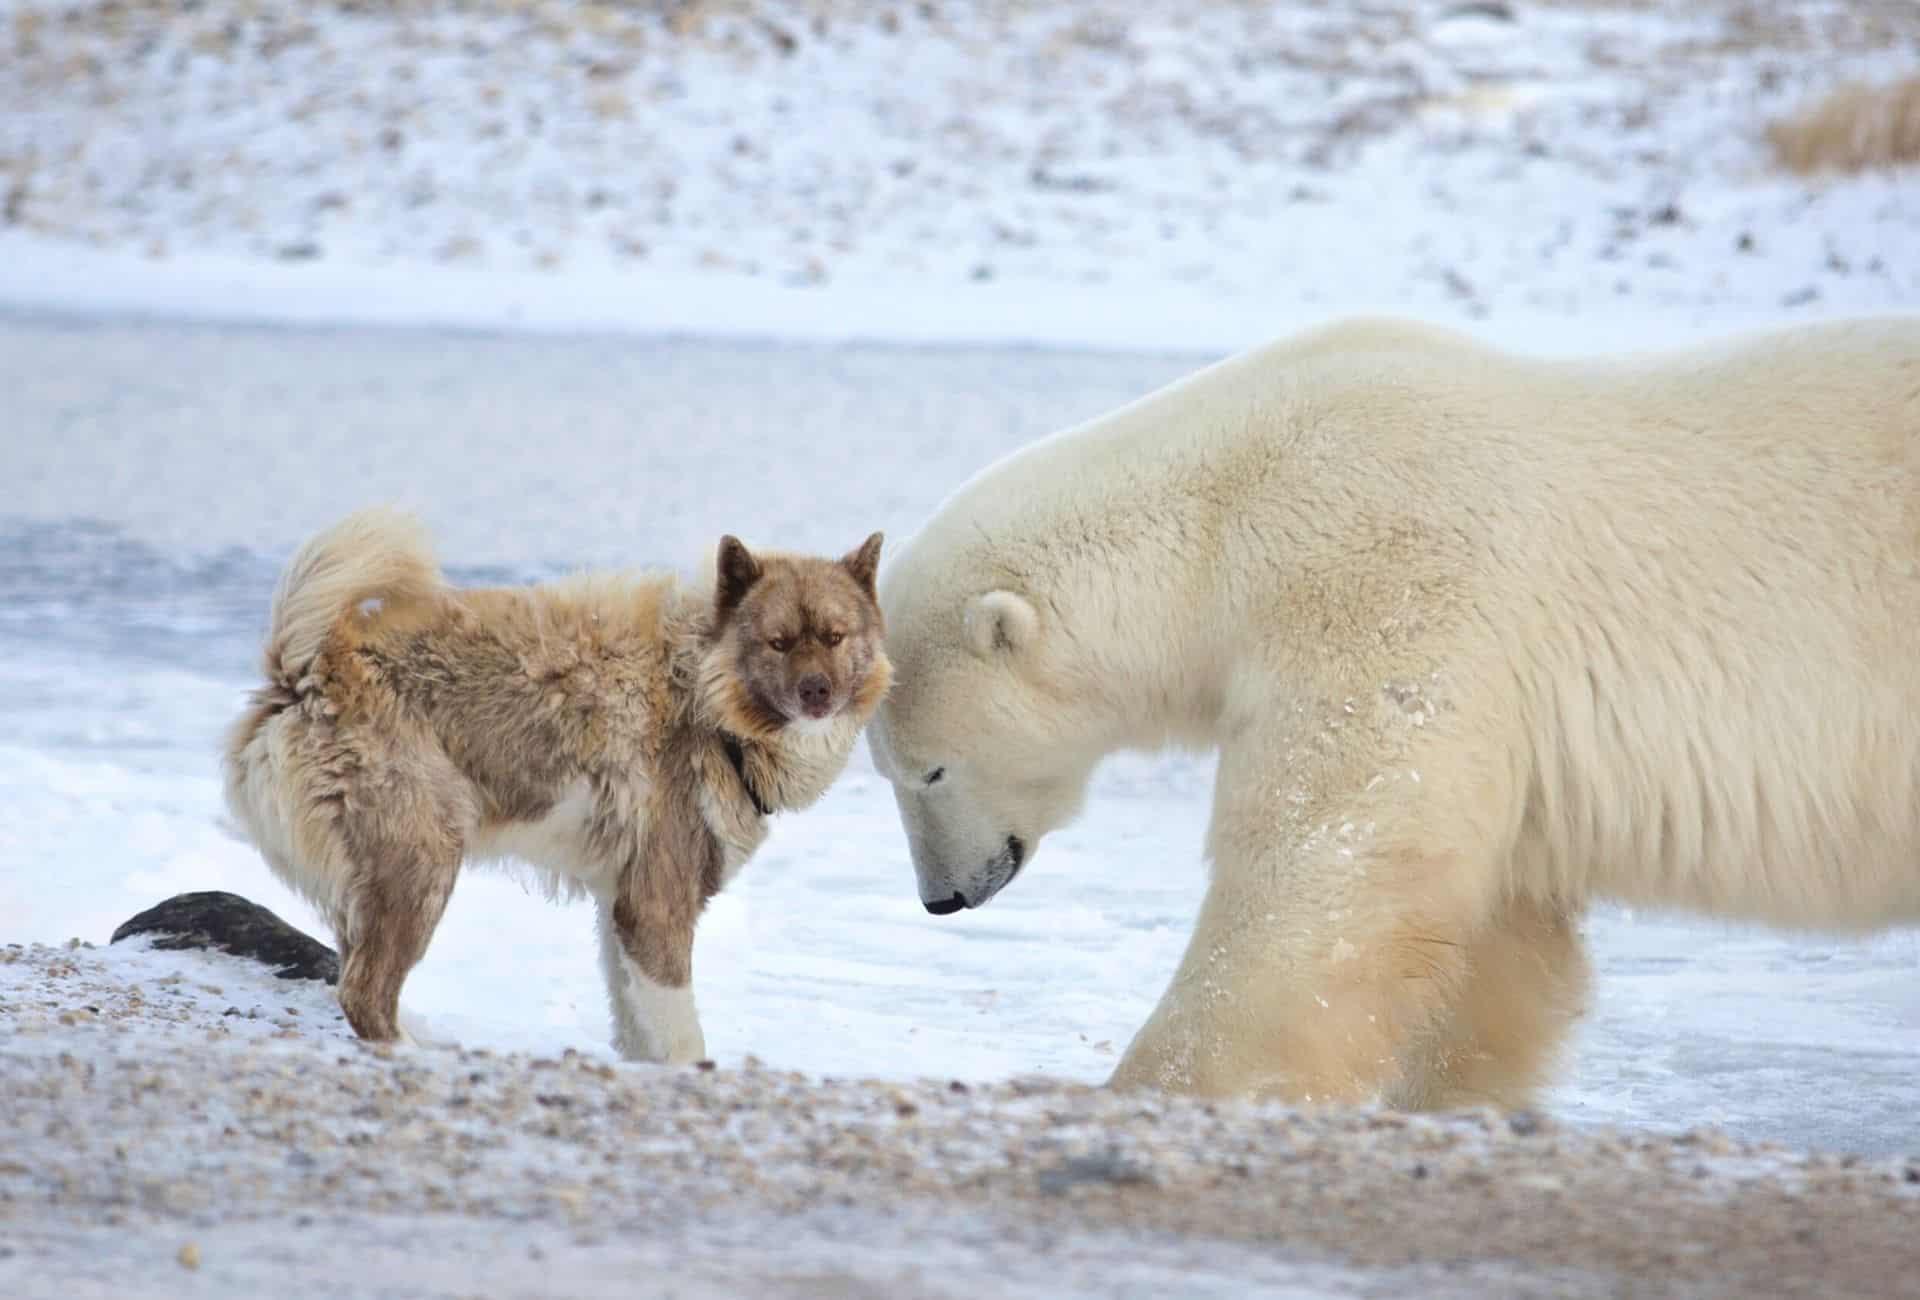 dog with a polar bear in snow